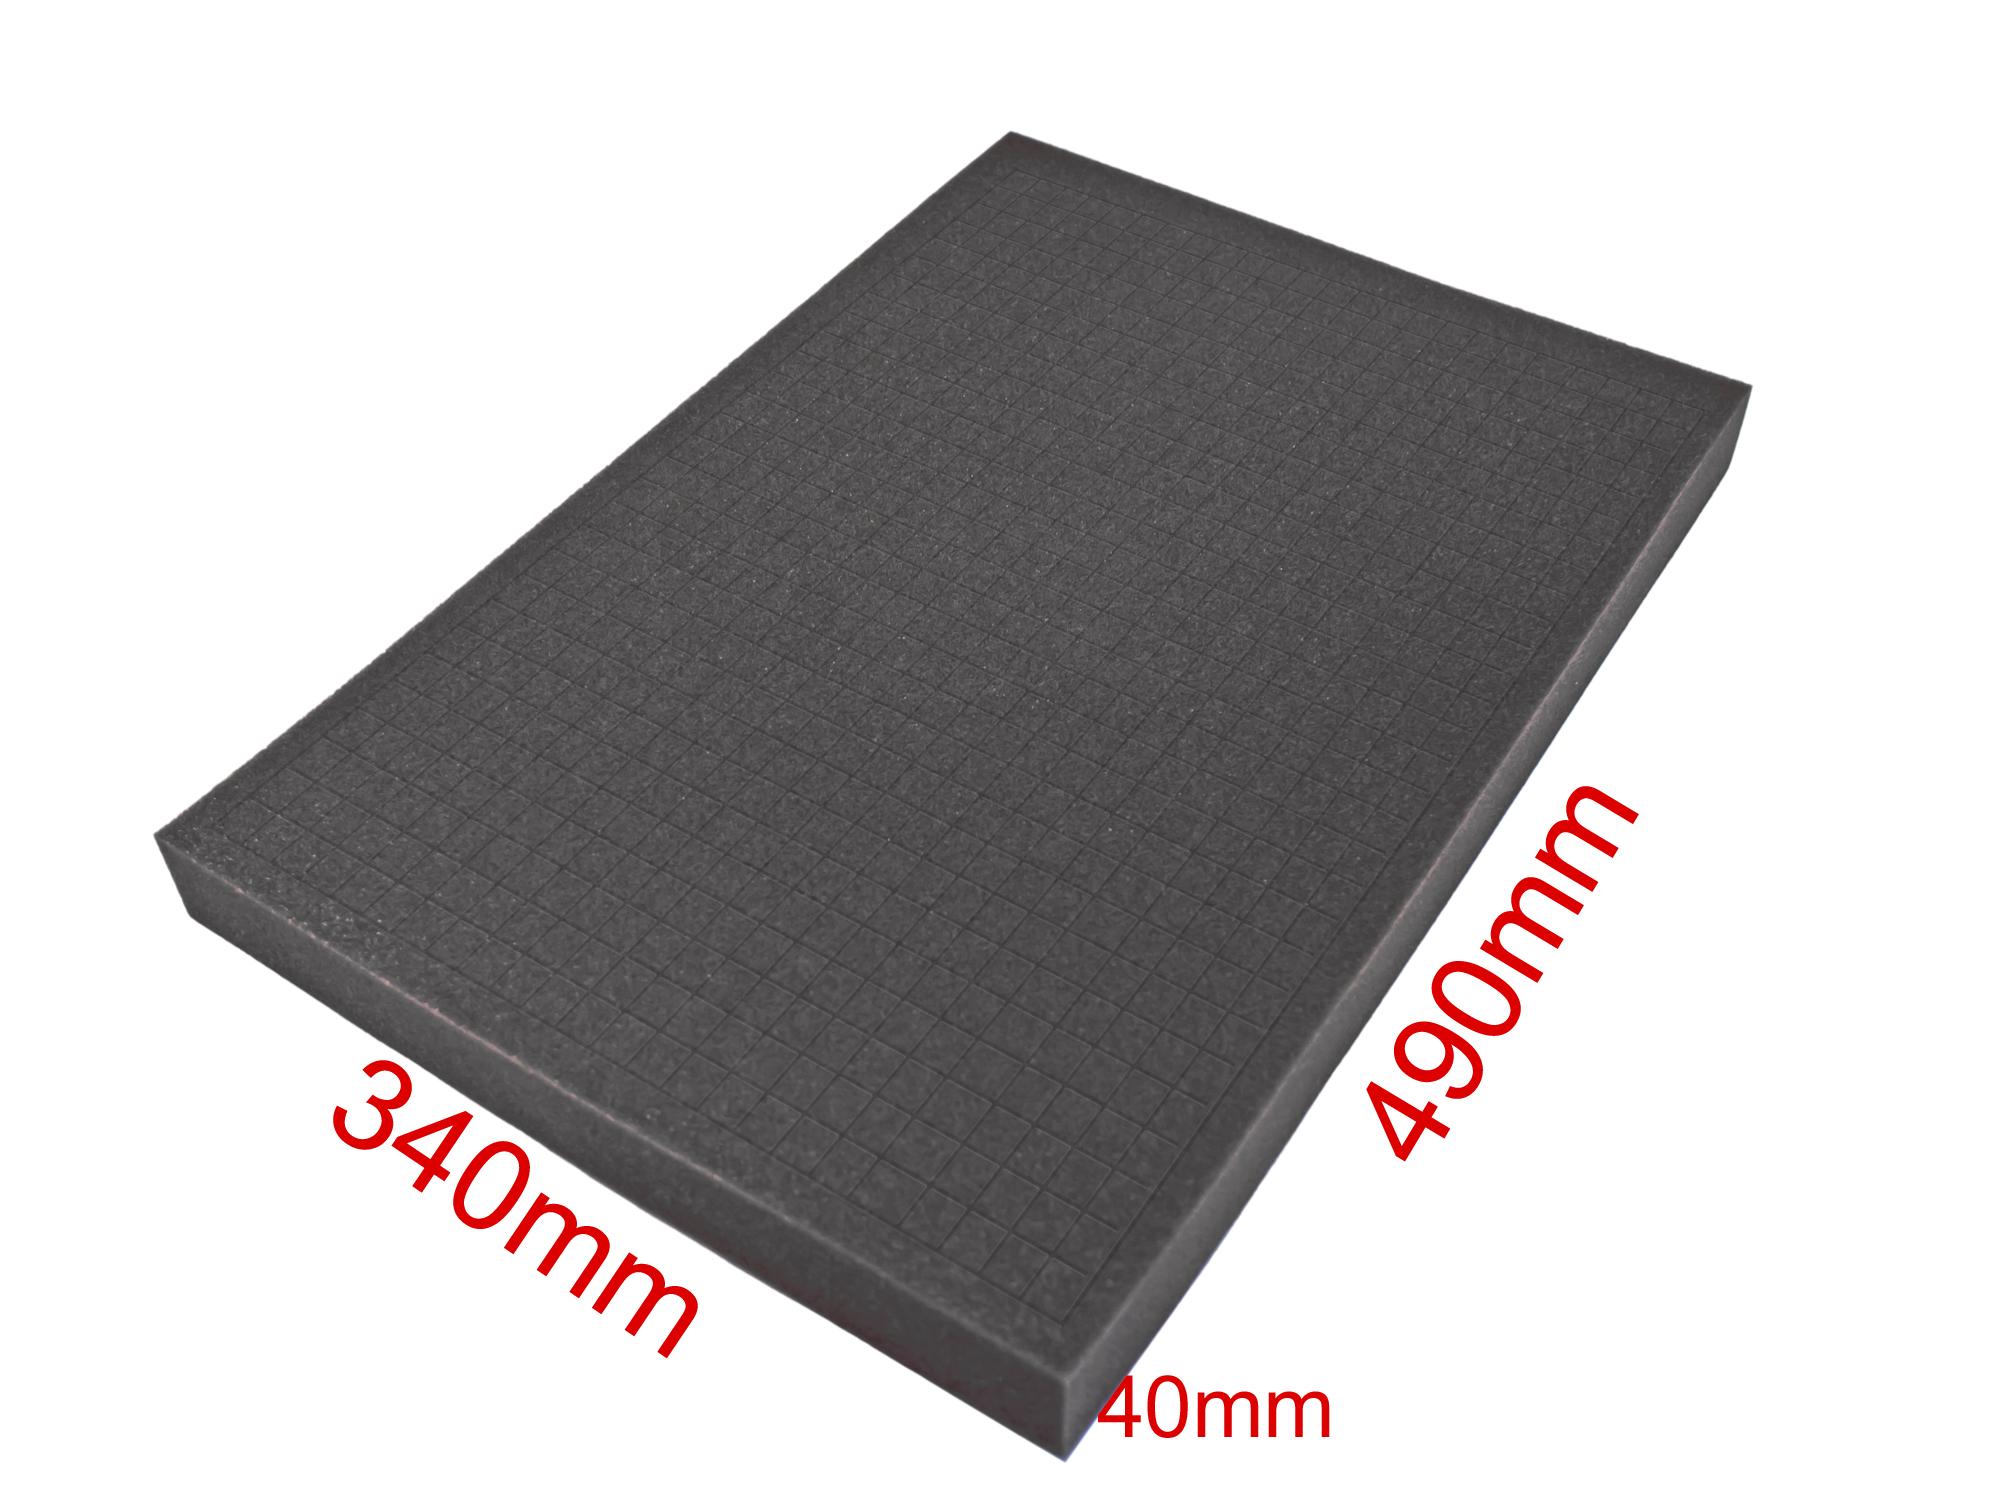 «PeakTech® P 7270 S» foam for aluminum case P 7270